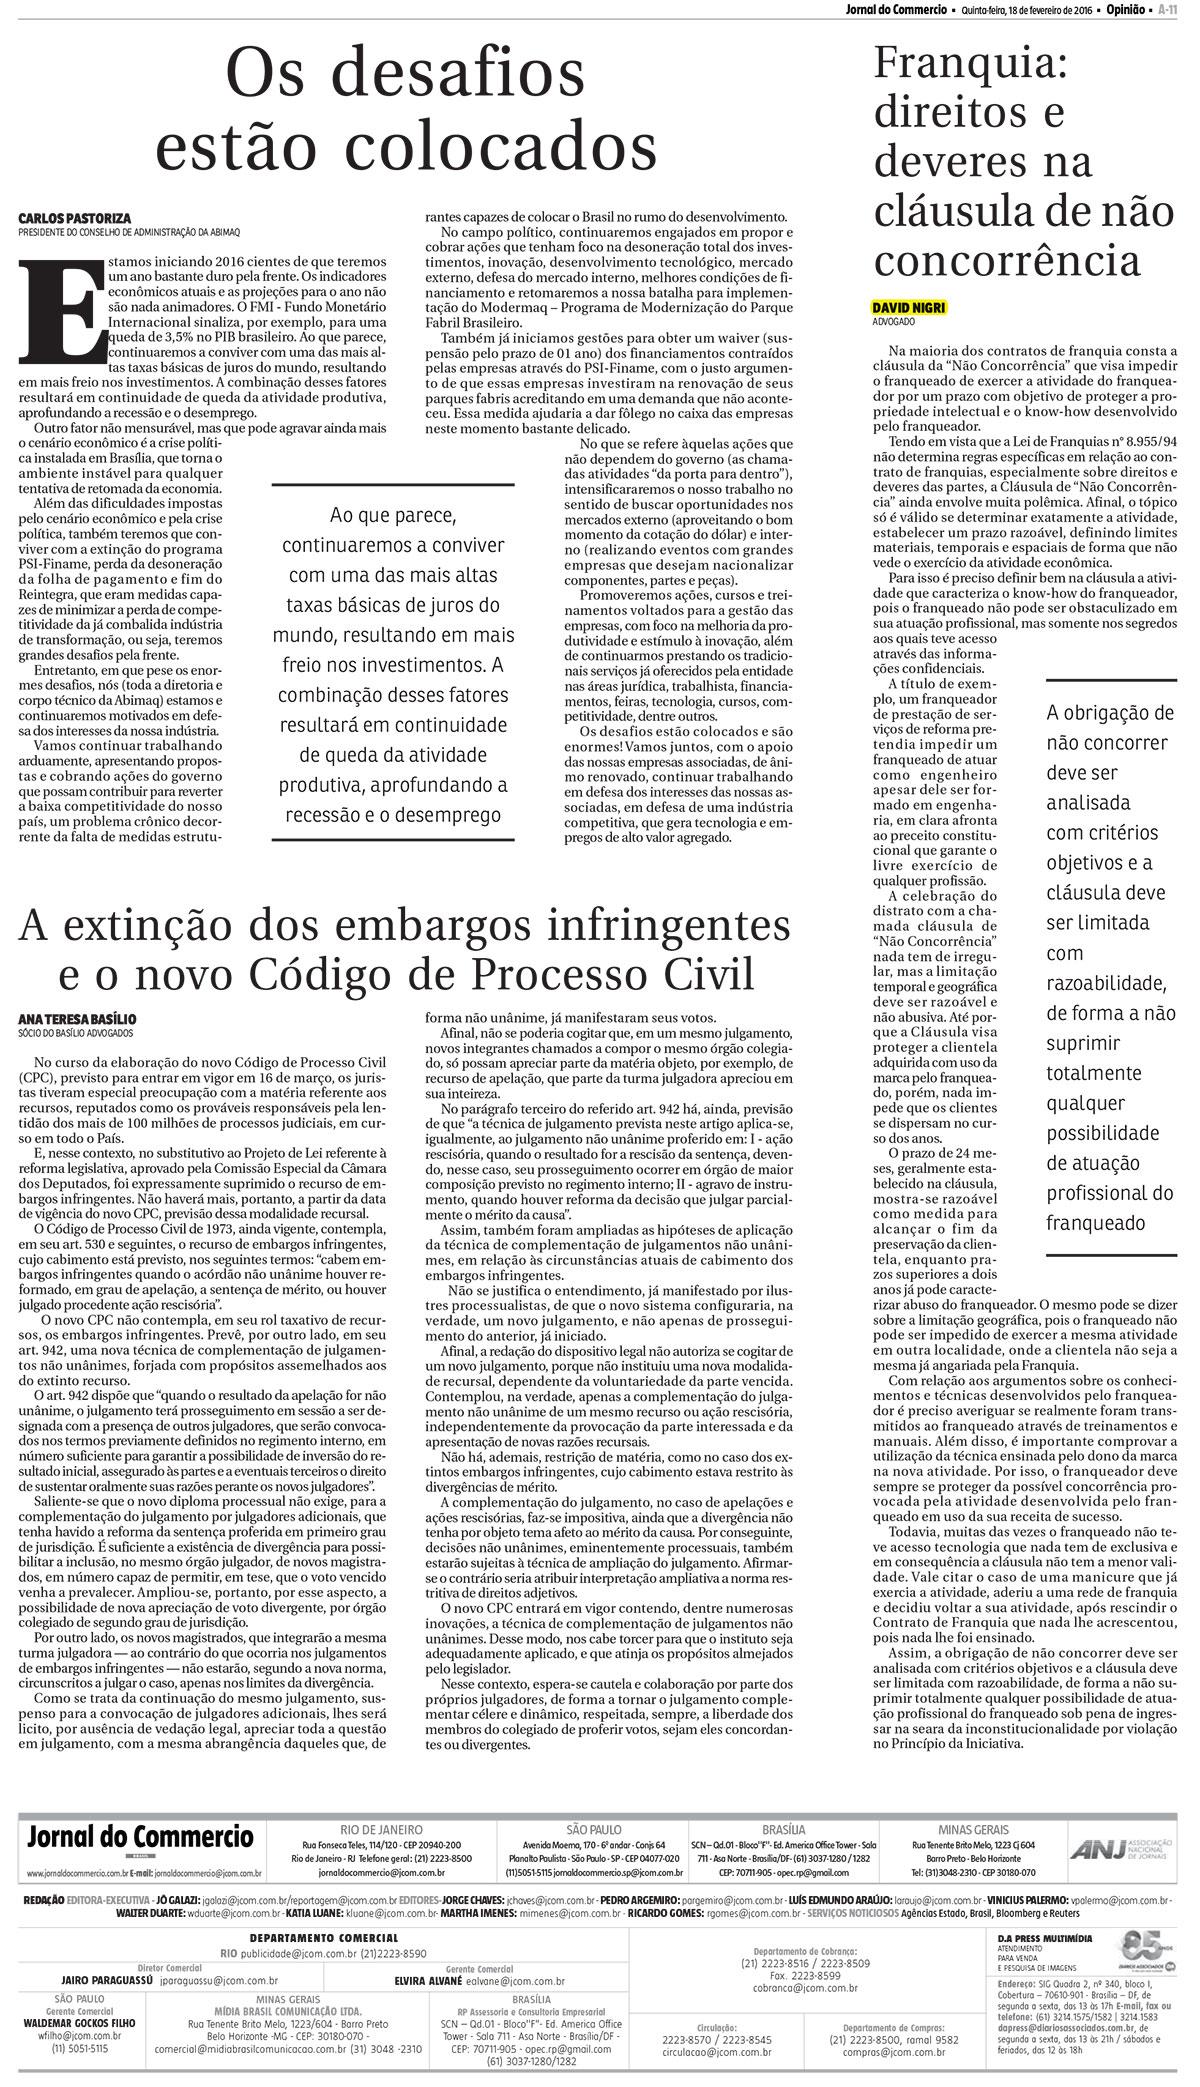 Jornal-do-Commercio-nao-concorrencia